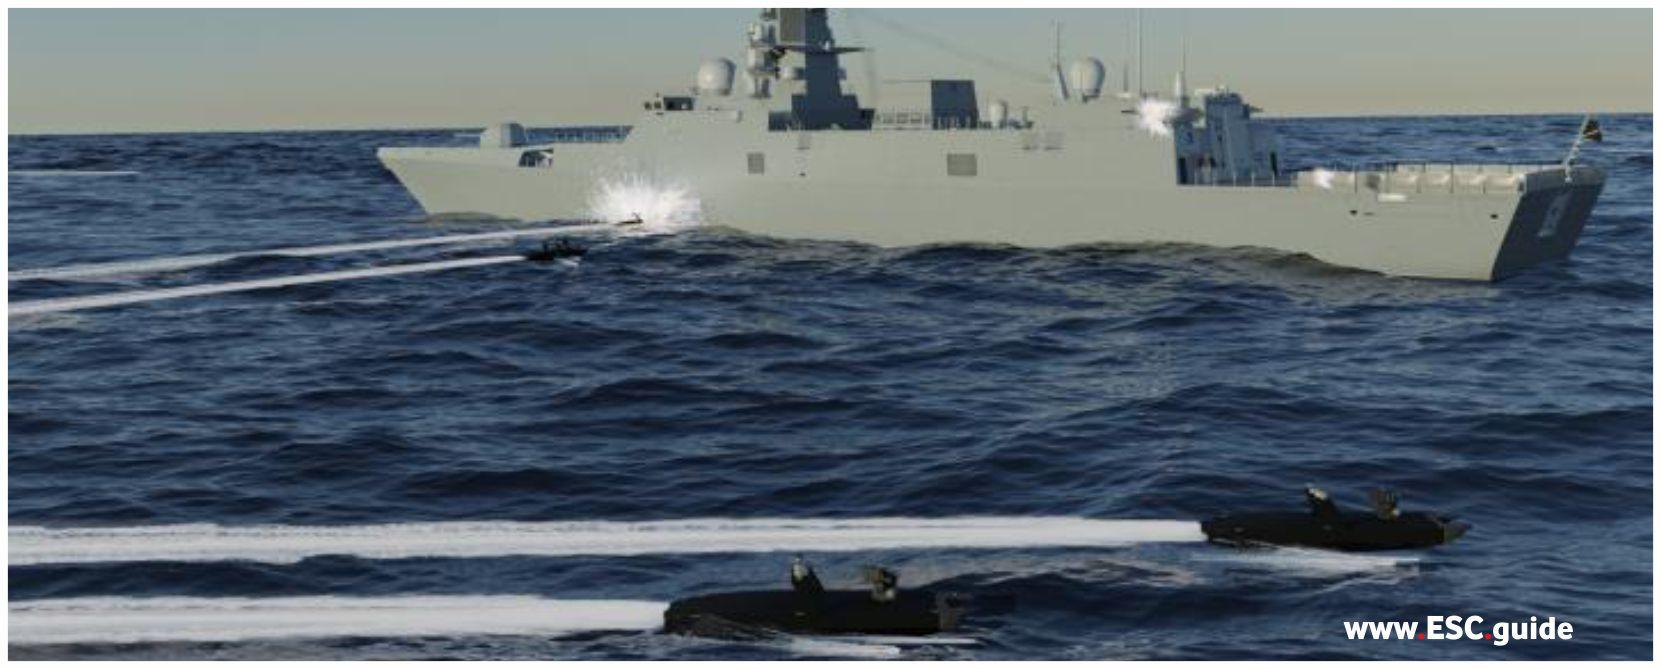 MANTAS T38 attack adversarial vessel in swarm.